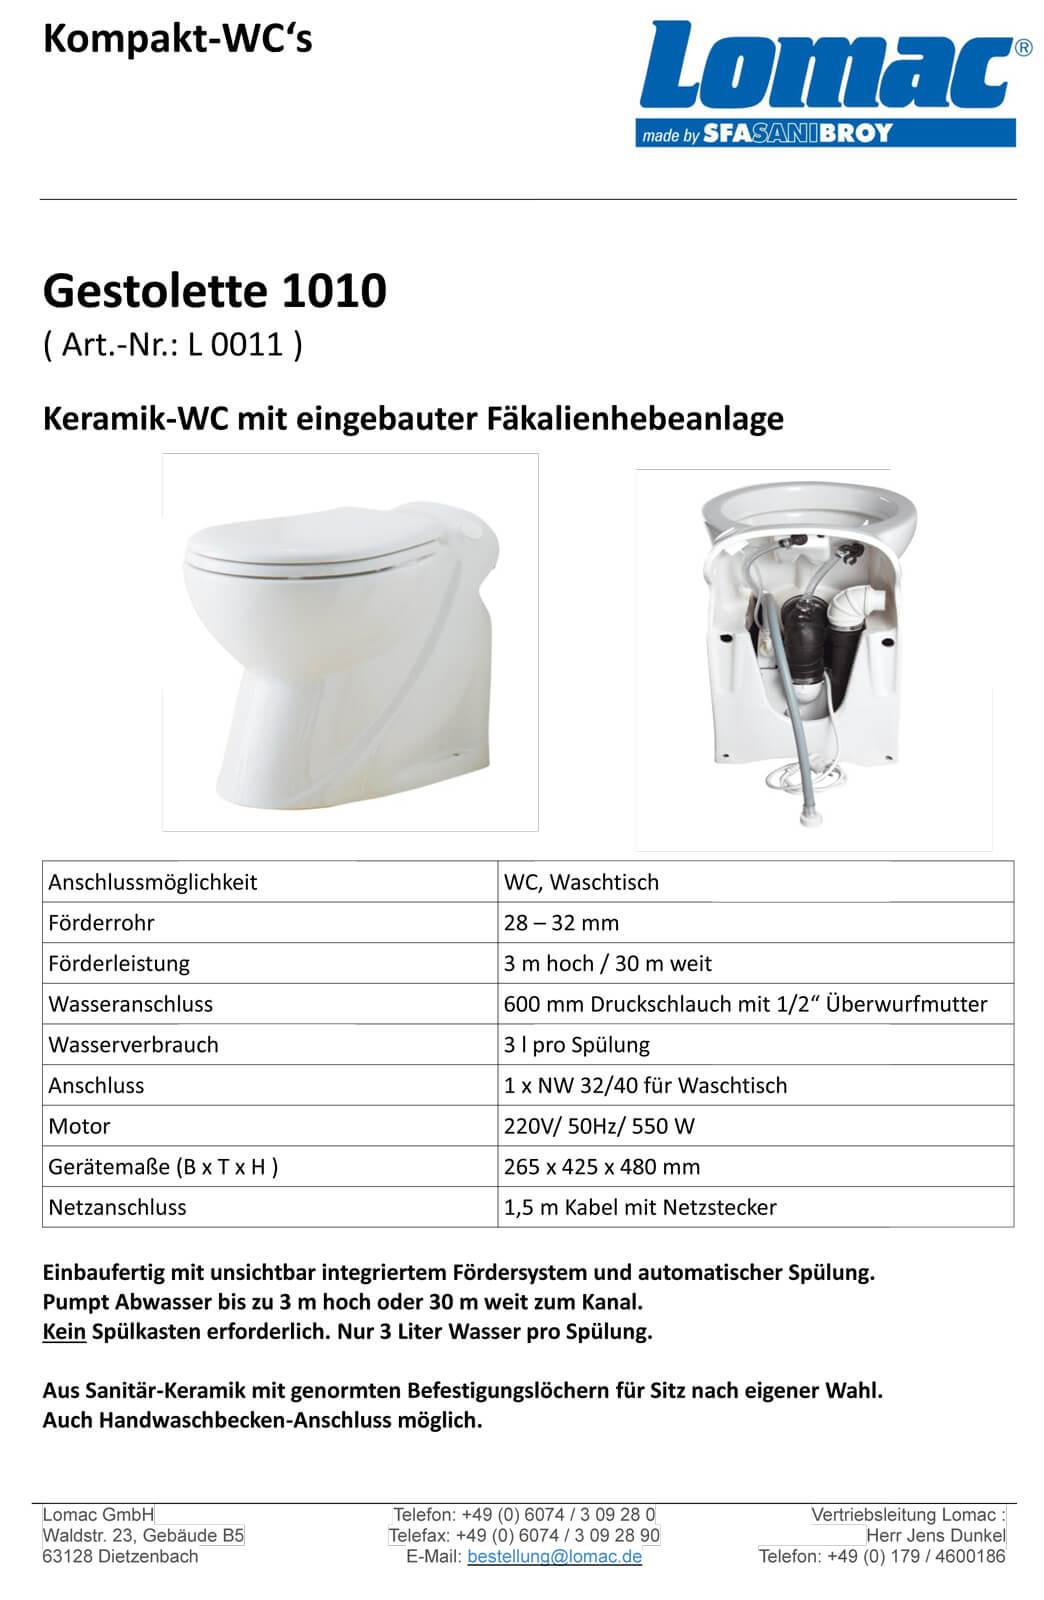 Stand Wc Mit Pumpe Gestolette 1010 Keramik Wc Mit Hebeanlage